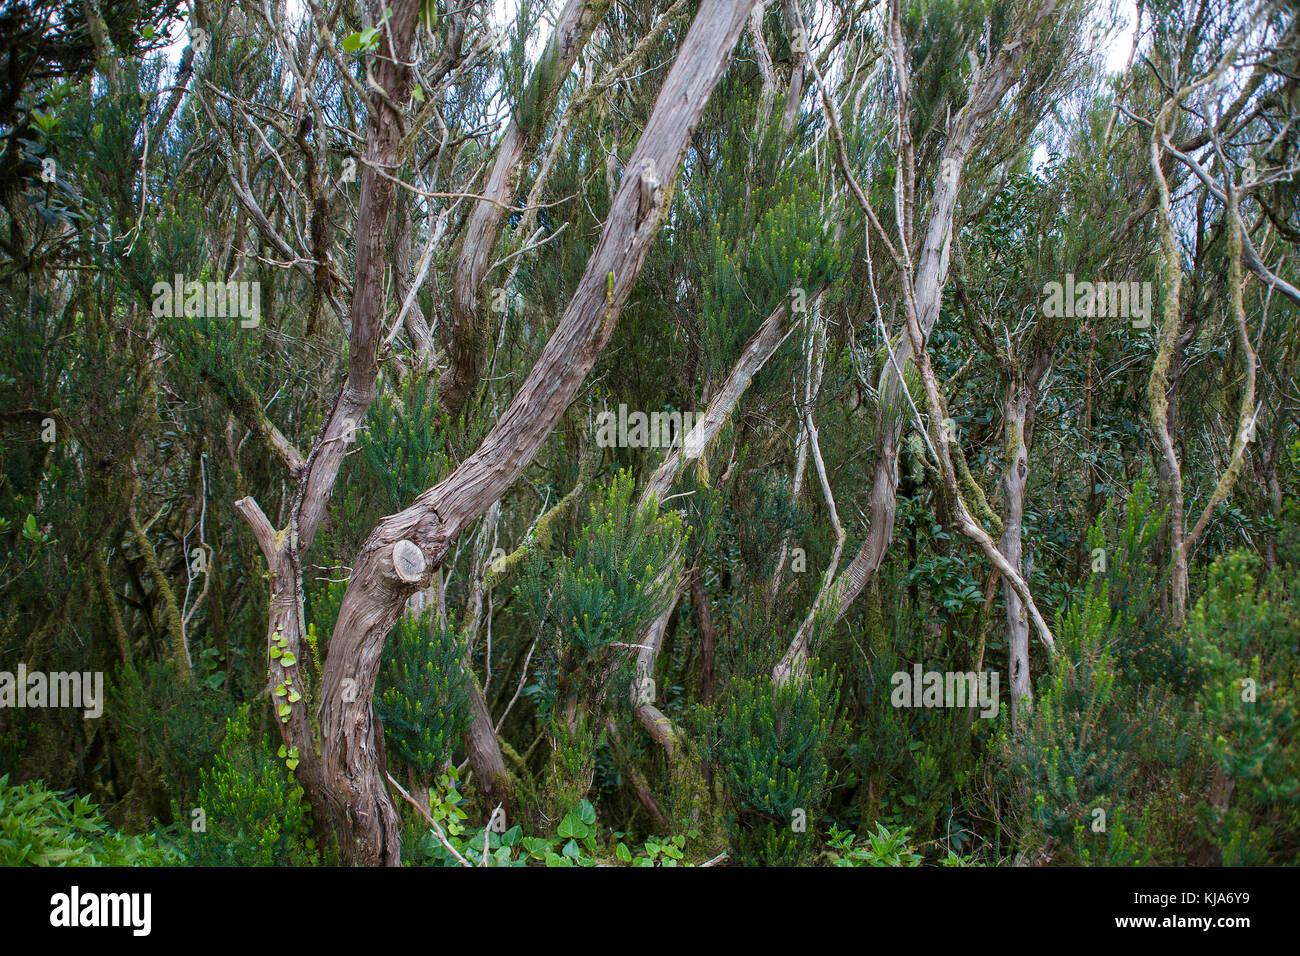 Lorbeerwald im Anagagebirge, Cruz del Carmen, Nordseite der Insel, Teneriffa, Kanarische Inseln, Spanien Stockbild